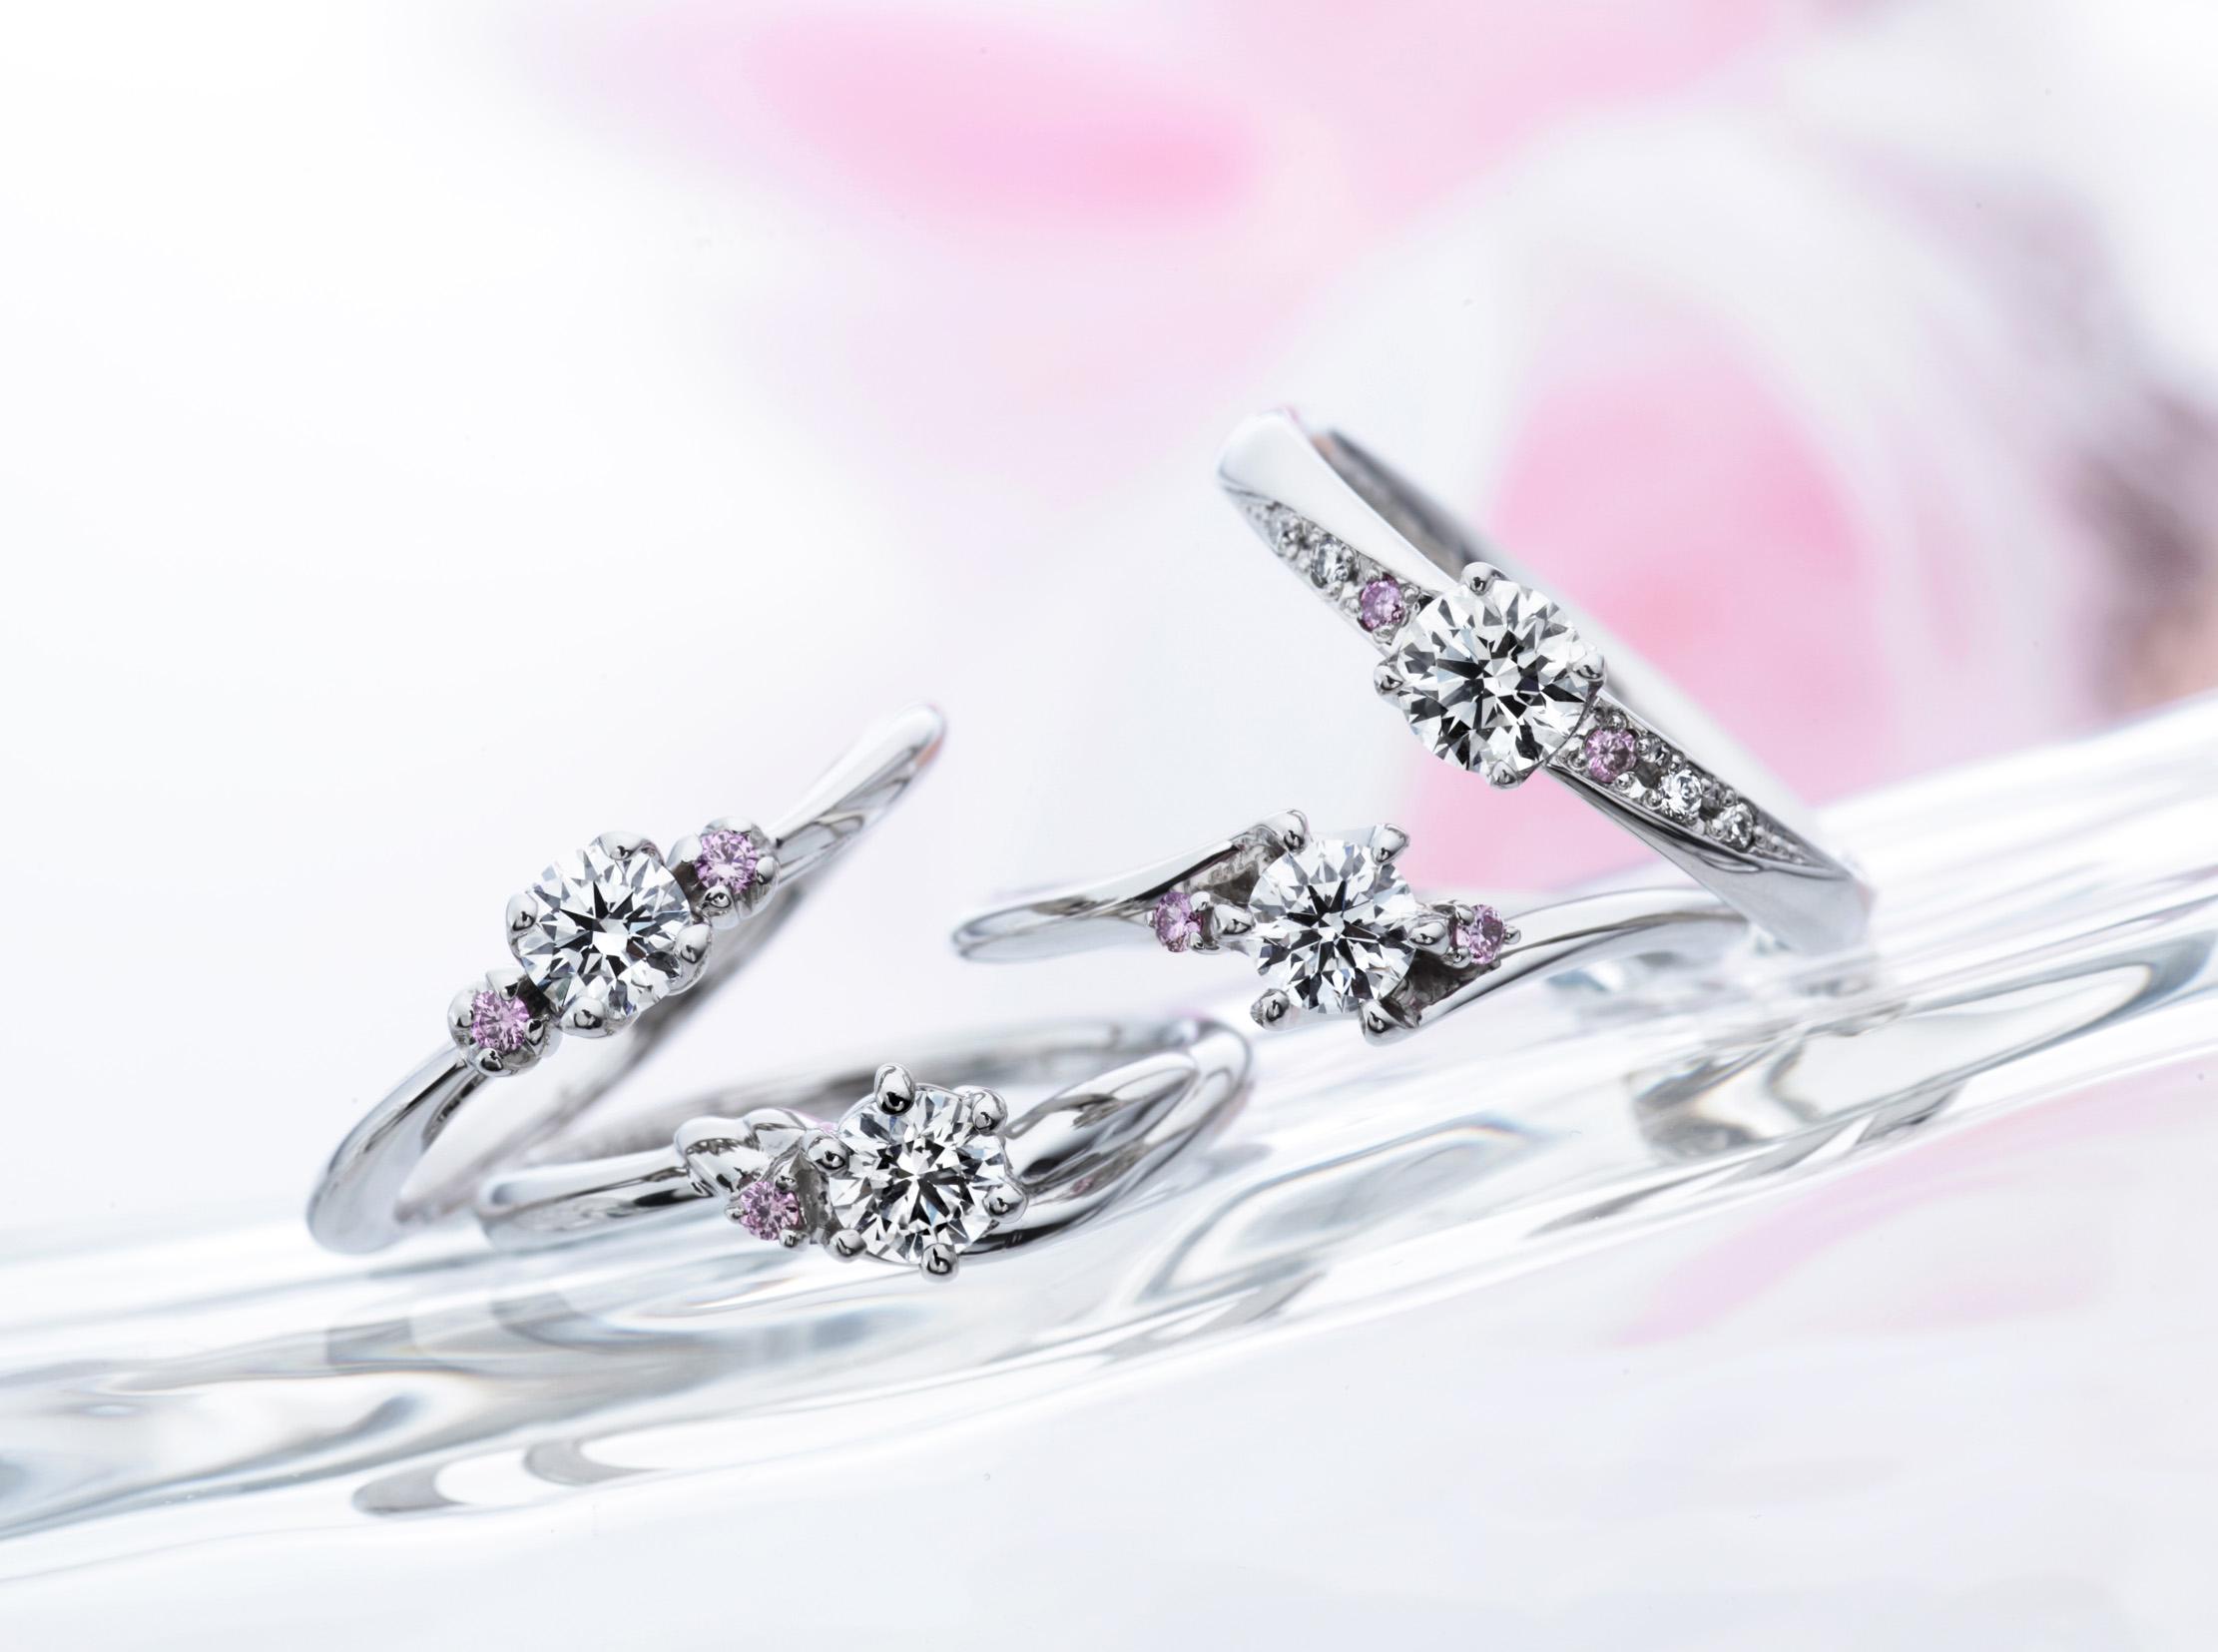 結婚指輪はいつ買うの?憧れのピンクダイヤモンドの婚約指輪もこの季節にゲットしよう!【静岡市】